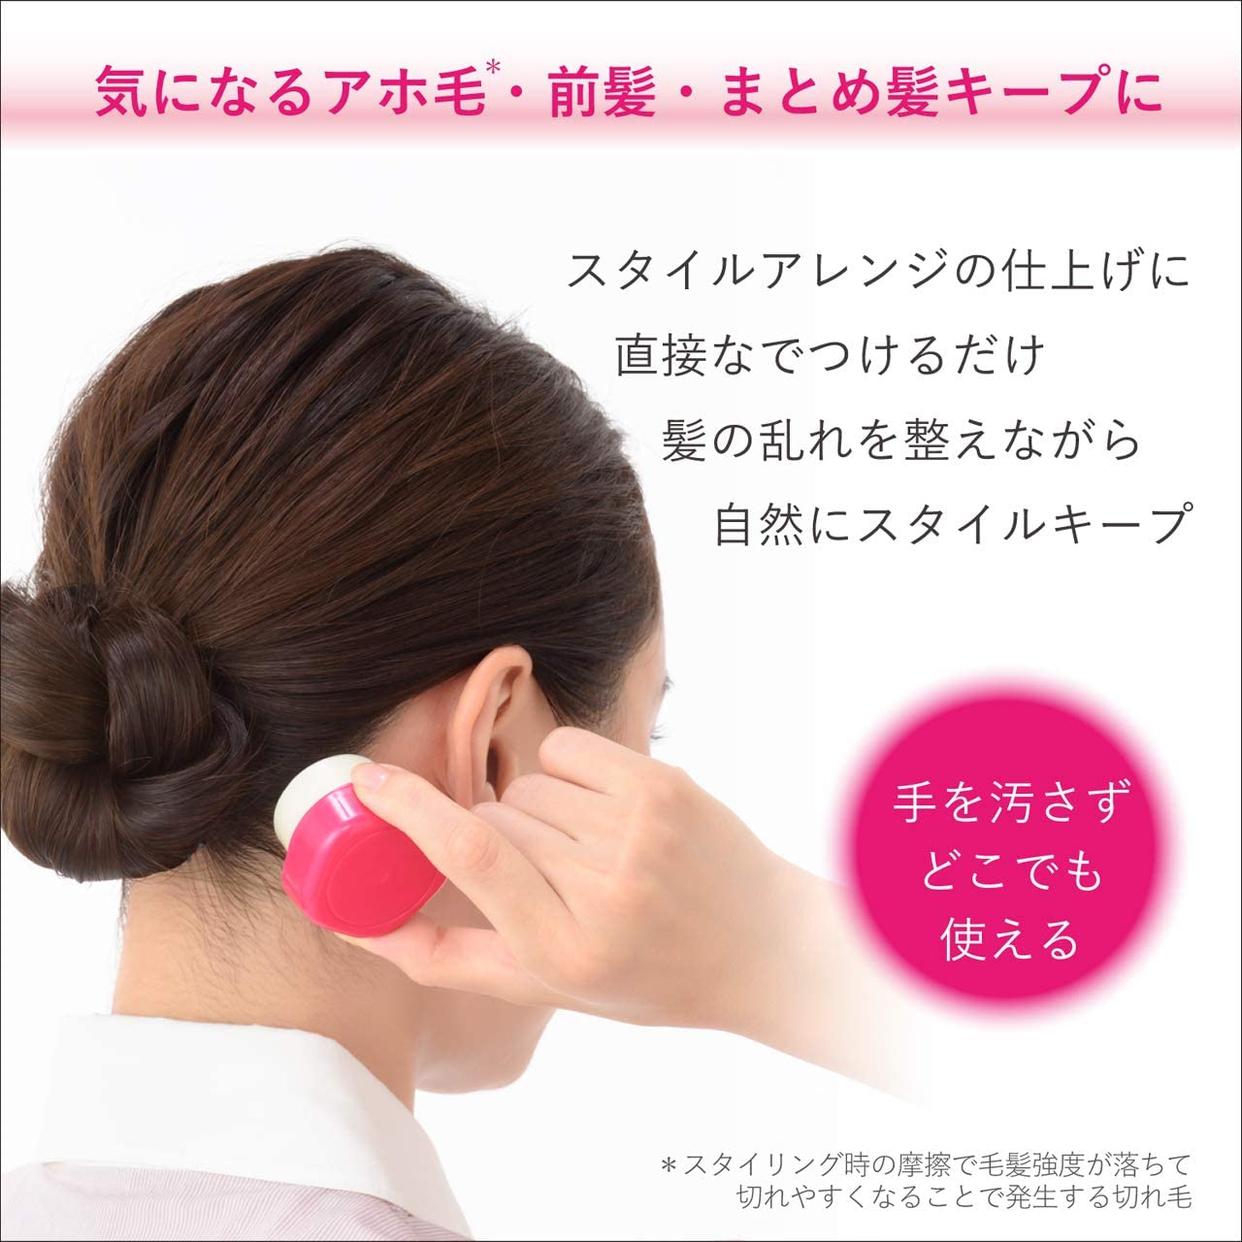 いち髪(ICHIKAMI) ヘアキープ和草スティック(スーパーハード)の商品画像4